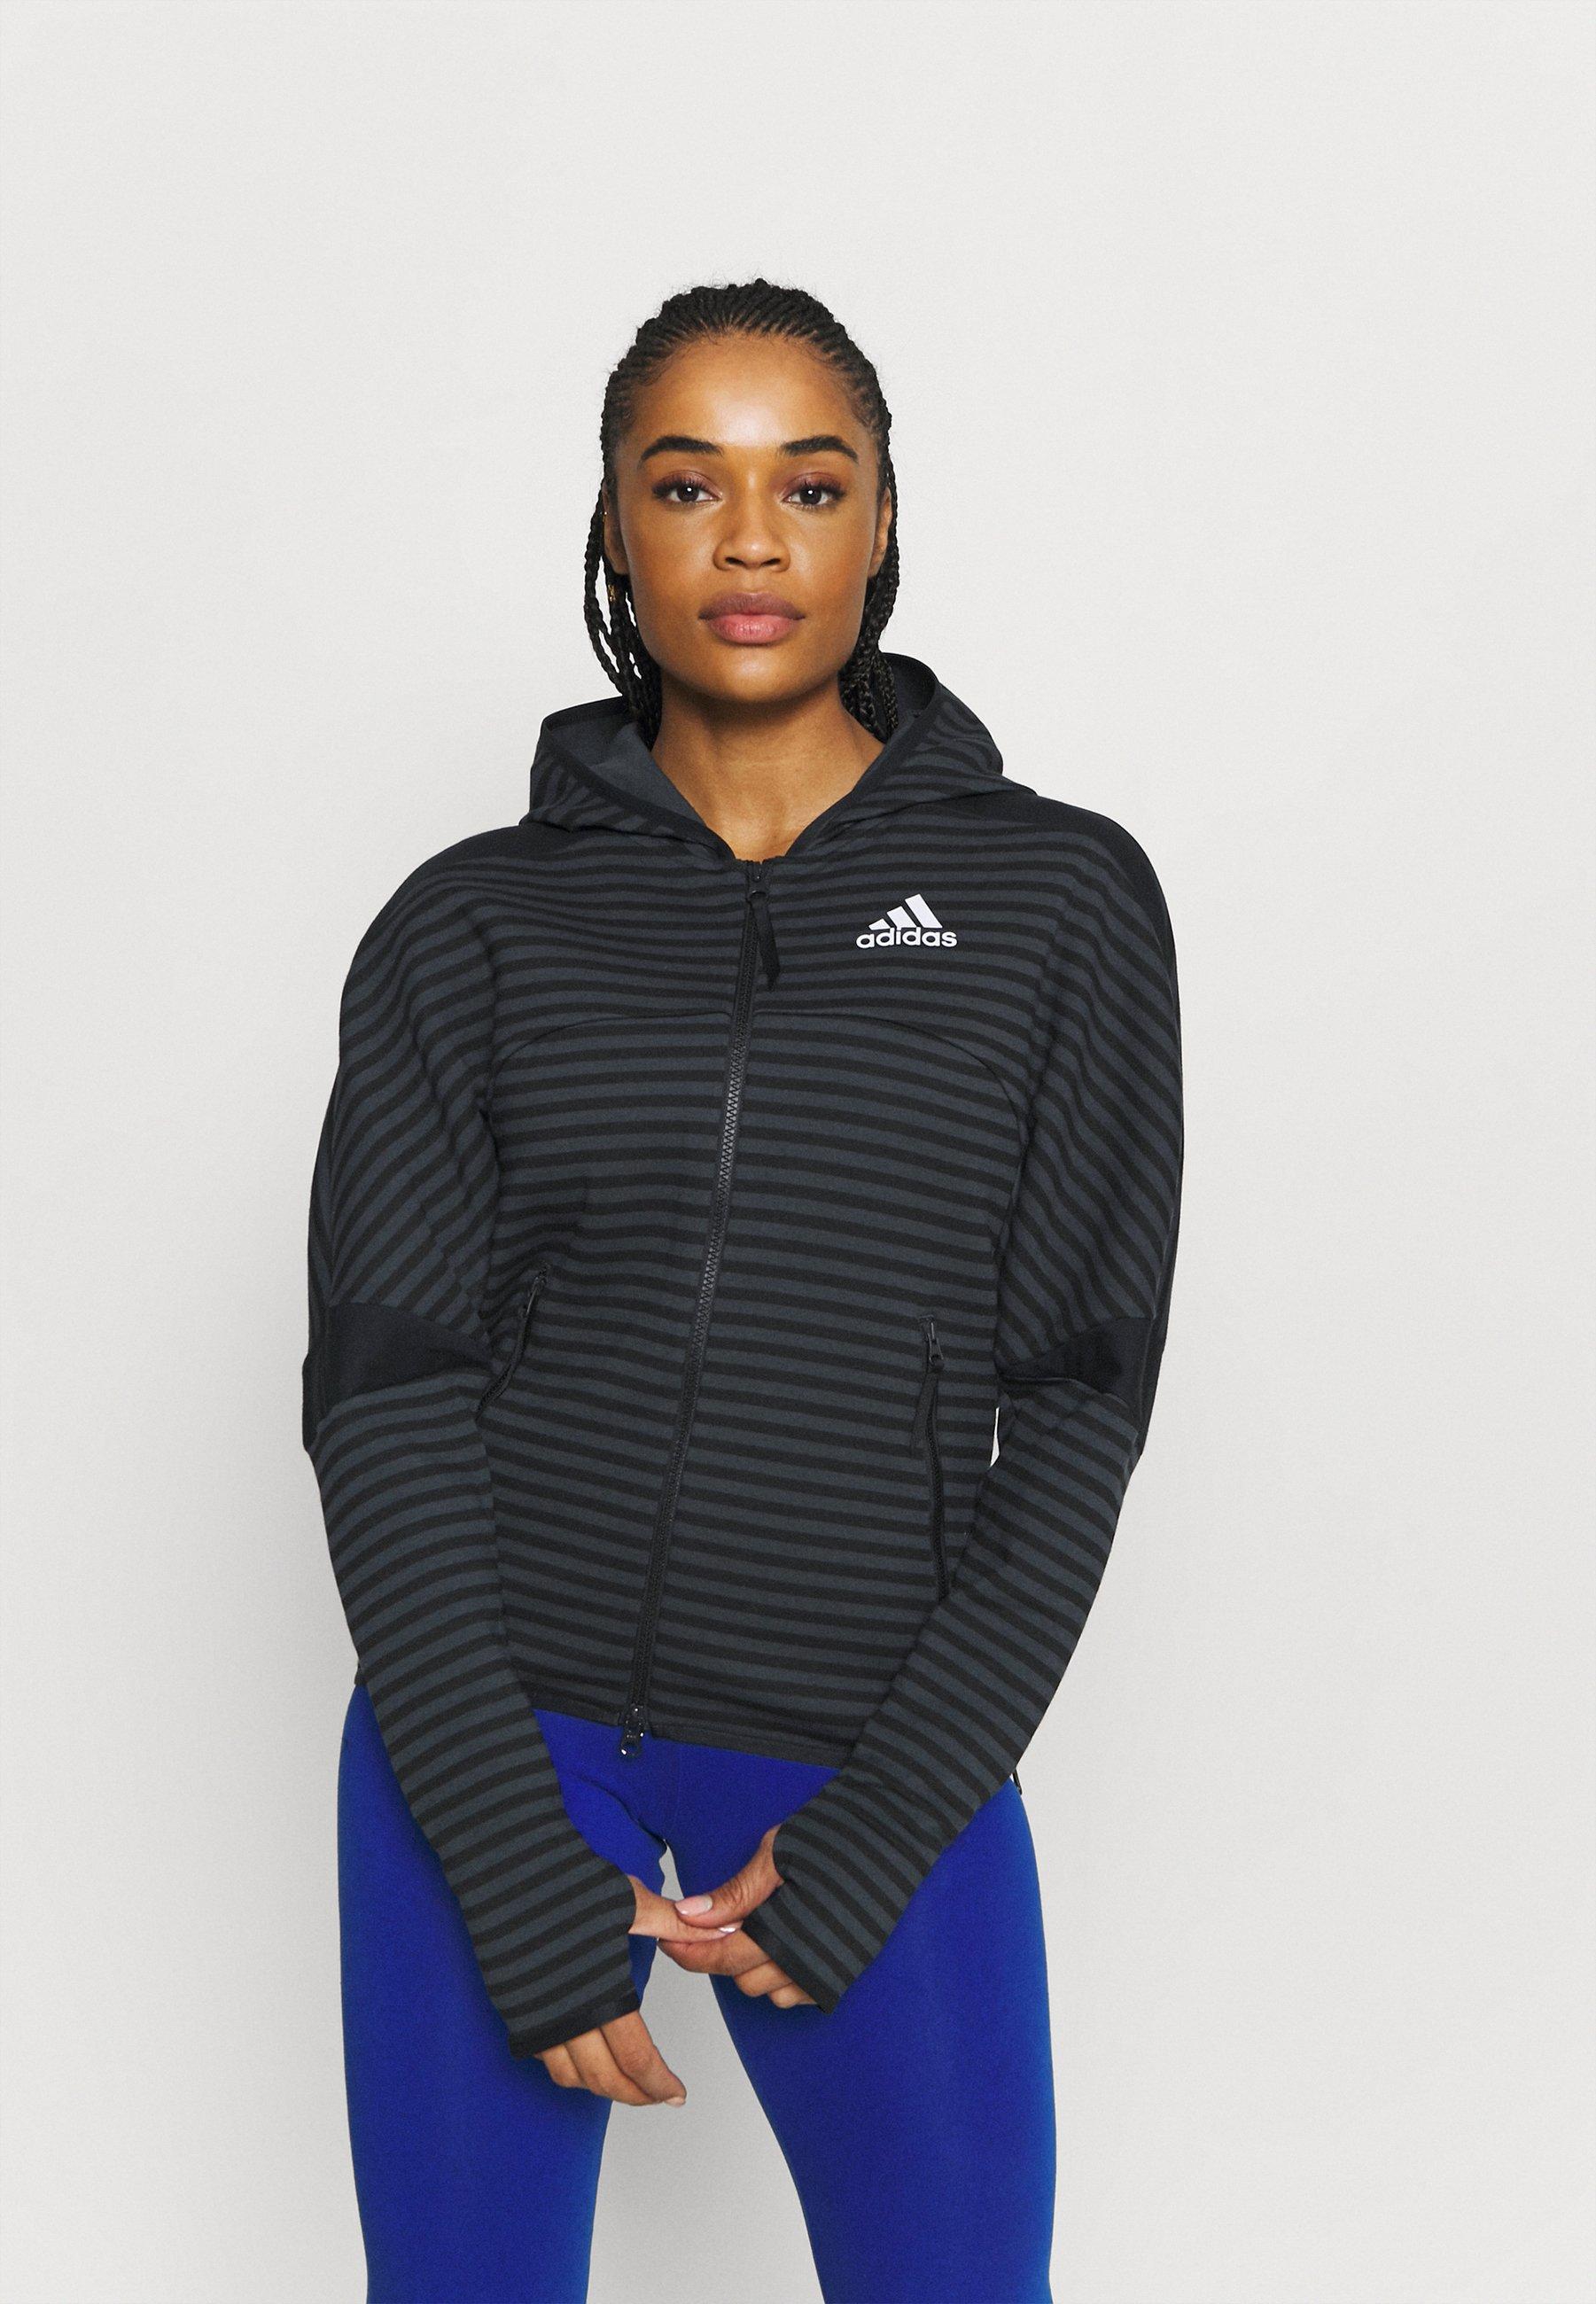 Women ADIDAS Z.N.E. SPORTSWEAR STRIPE ALLOVER-PRINT HOODIE - Zip-up sweatshirt